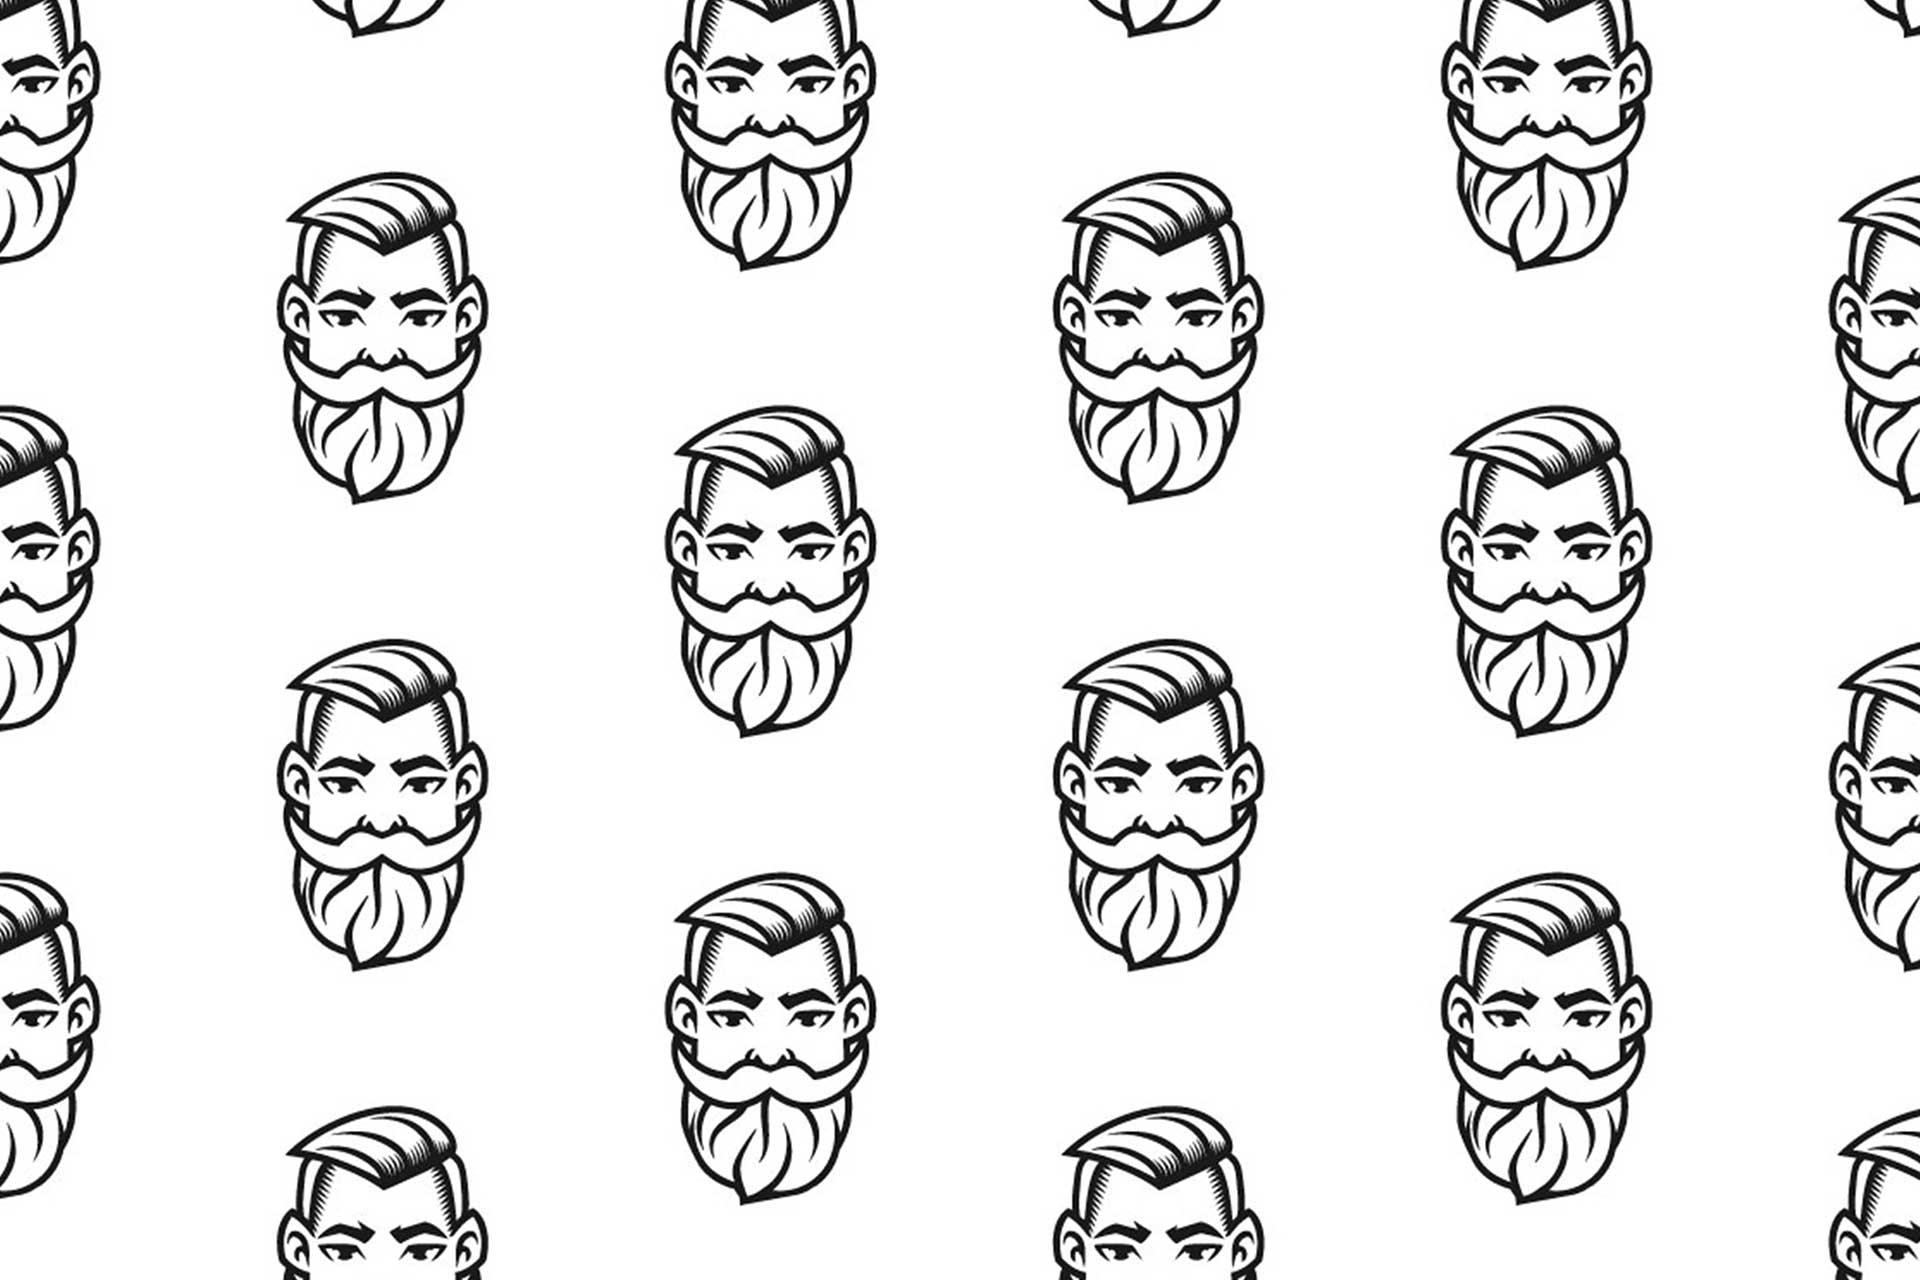 Identyfikacja wizualna w Cobance Studio - case study Brzytwa BarberShop pattern barber